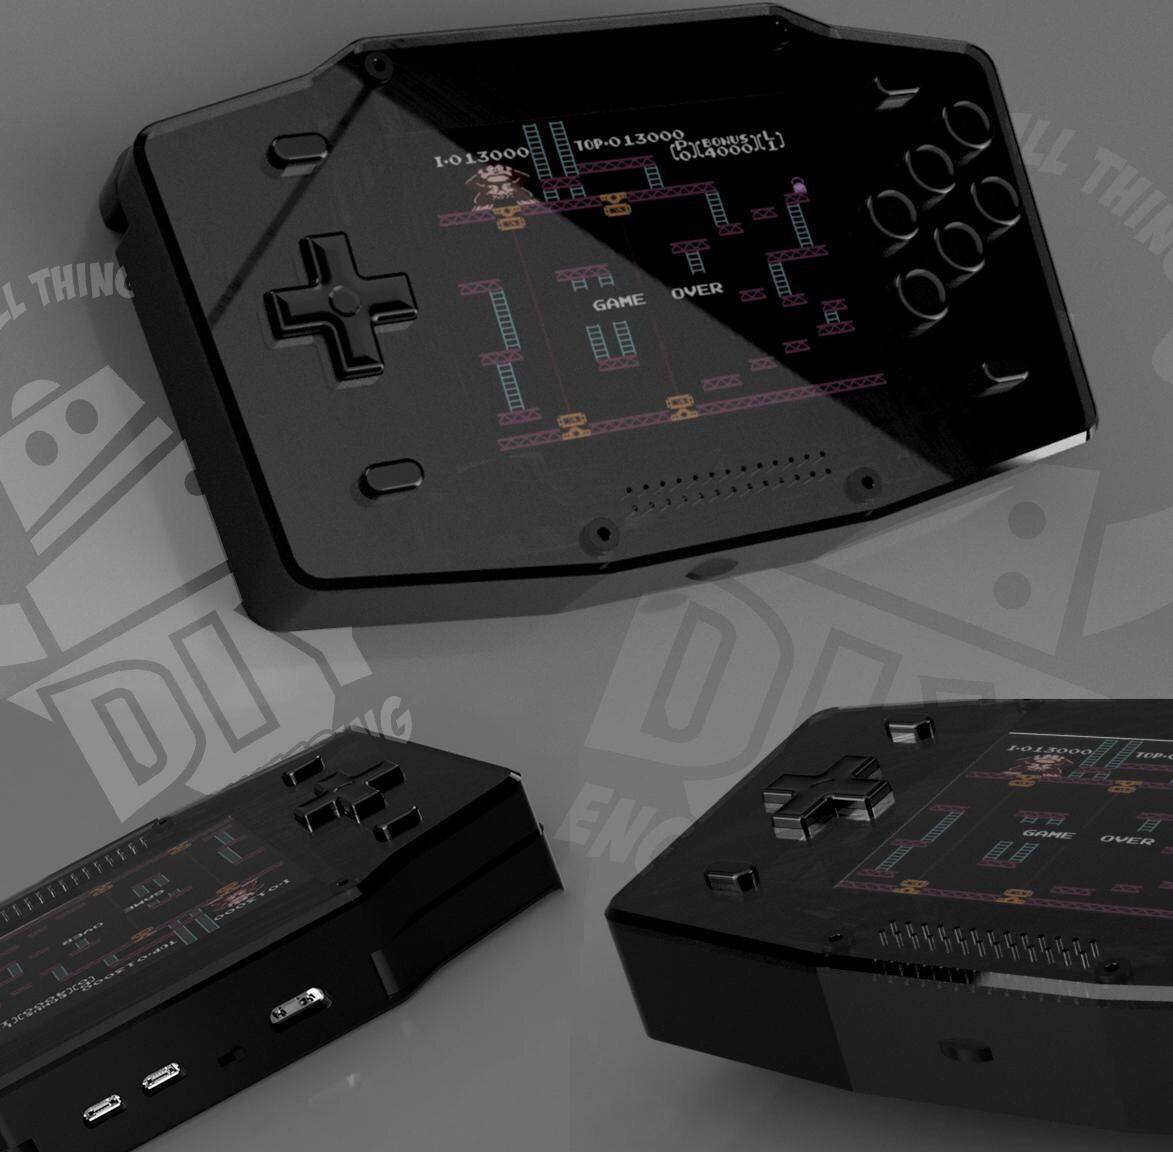 Im Designing an affordable ($25) #pizero #handheld kit  What